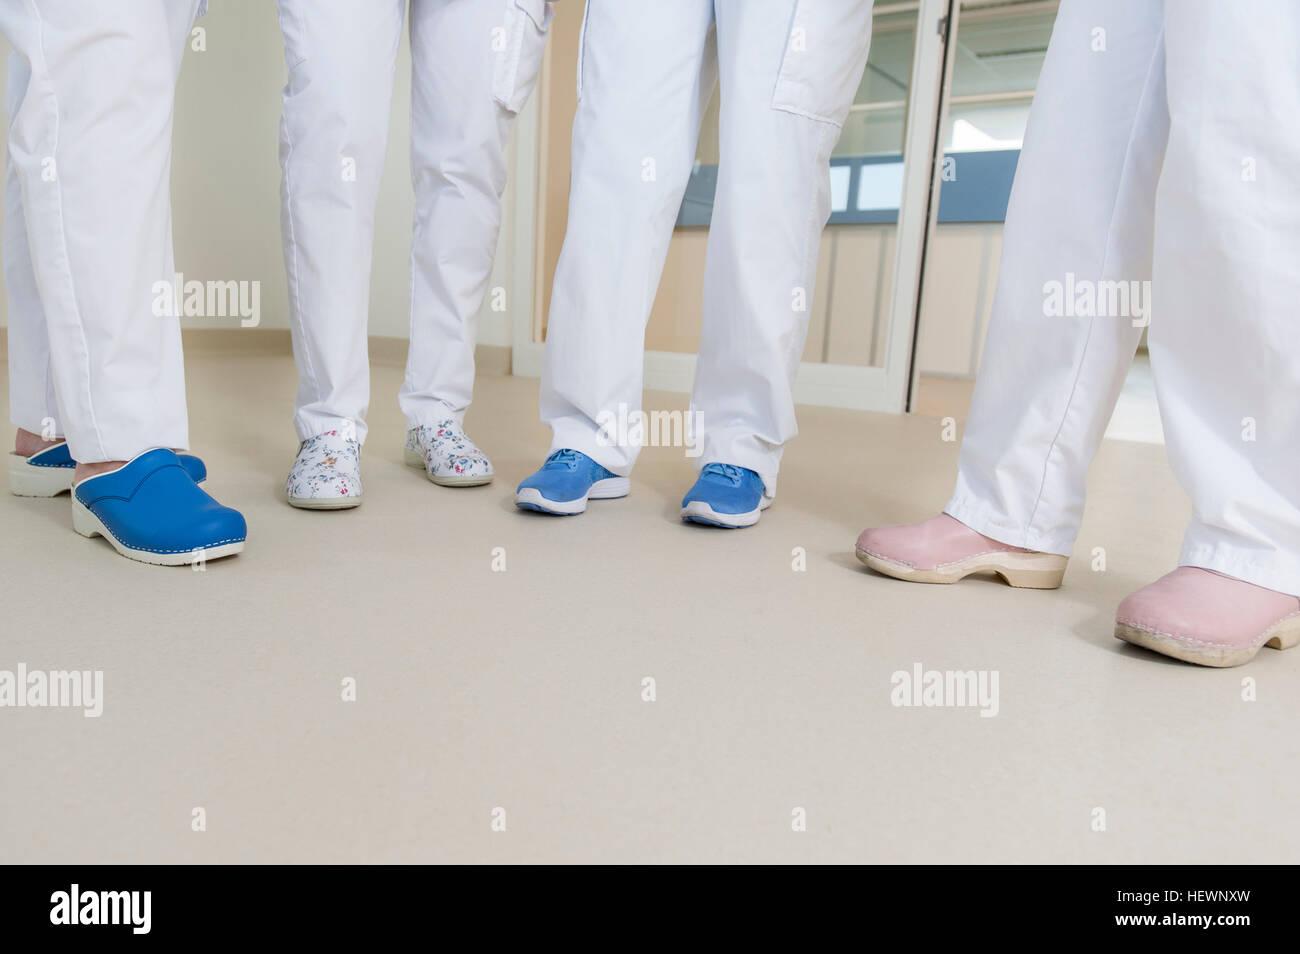 Sezione bassa del gruppo di infermieri indossando scrub chirurgico e zoccoli Immagini Stock